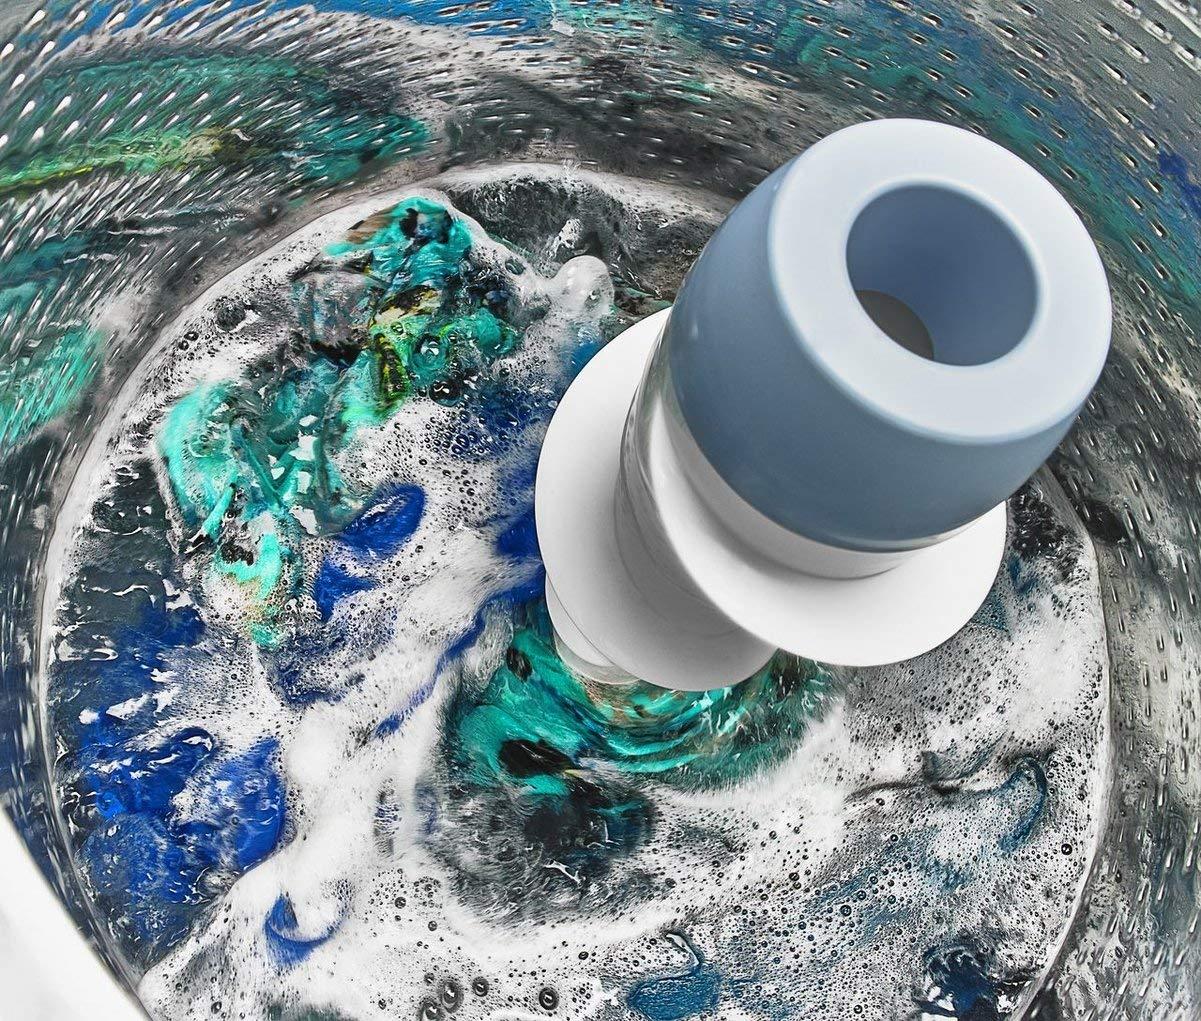 Eine Herkömmliche Mitteleuropäische Toplader Waschmaschine Verfügt über  Eine Wasserdurchlässige Einfach Oder Doppelt Gelagerte Trommel, Ein  Wasserdichtes ...